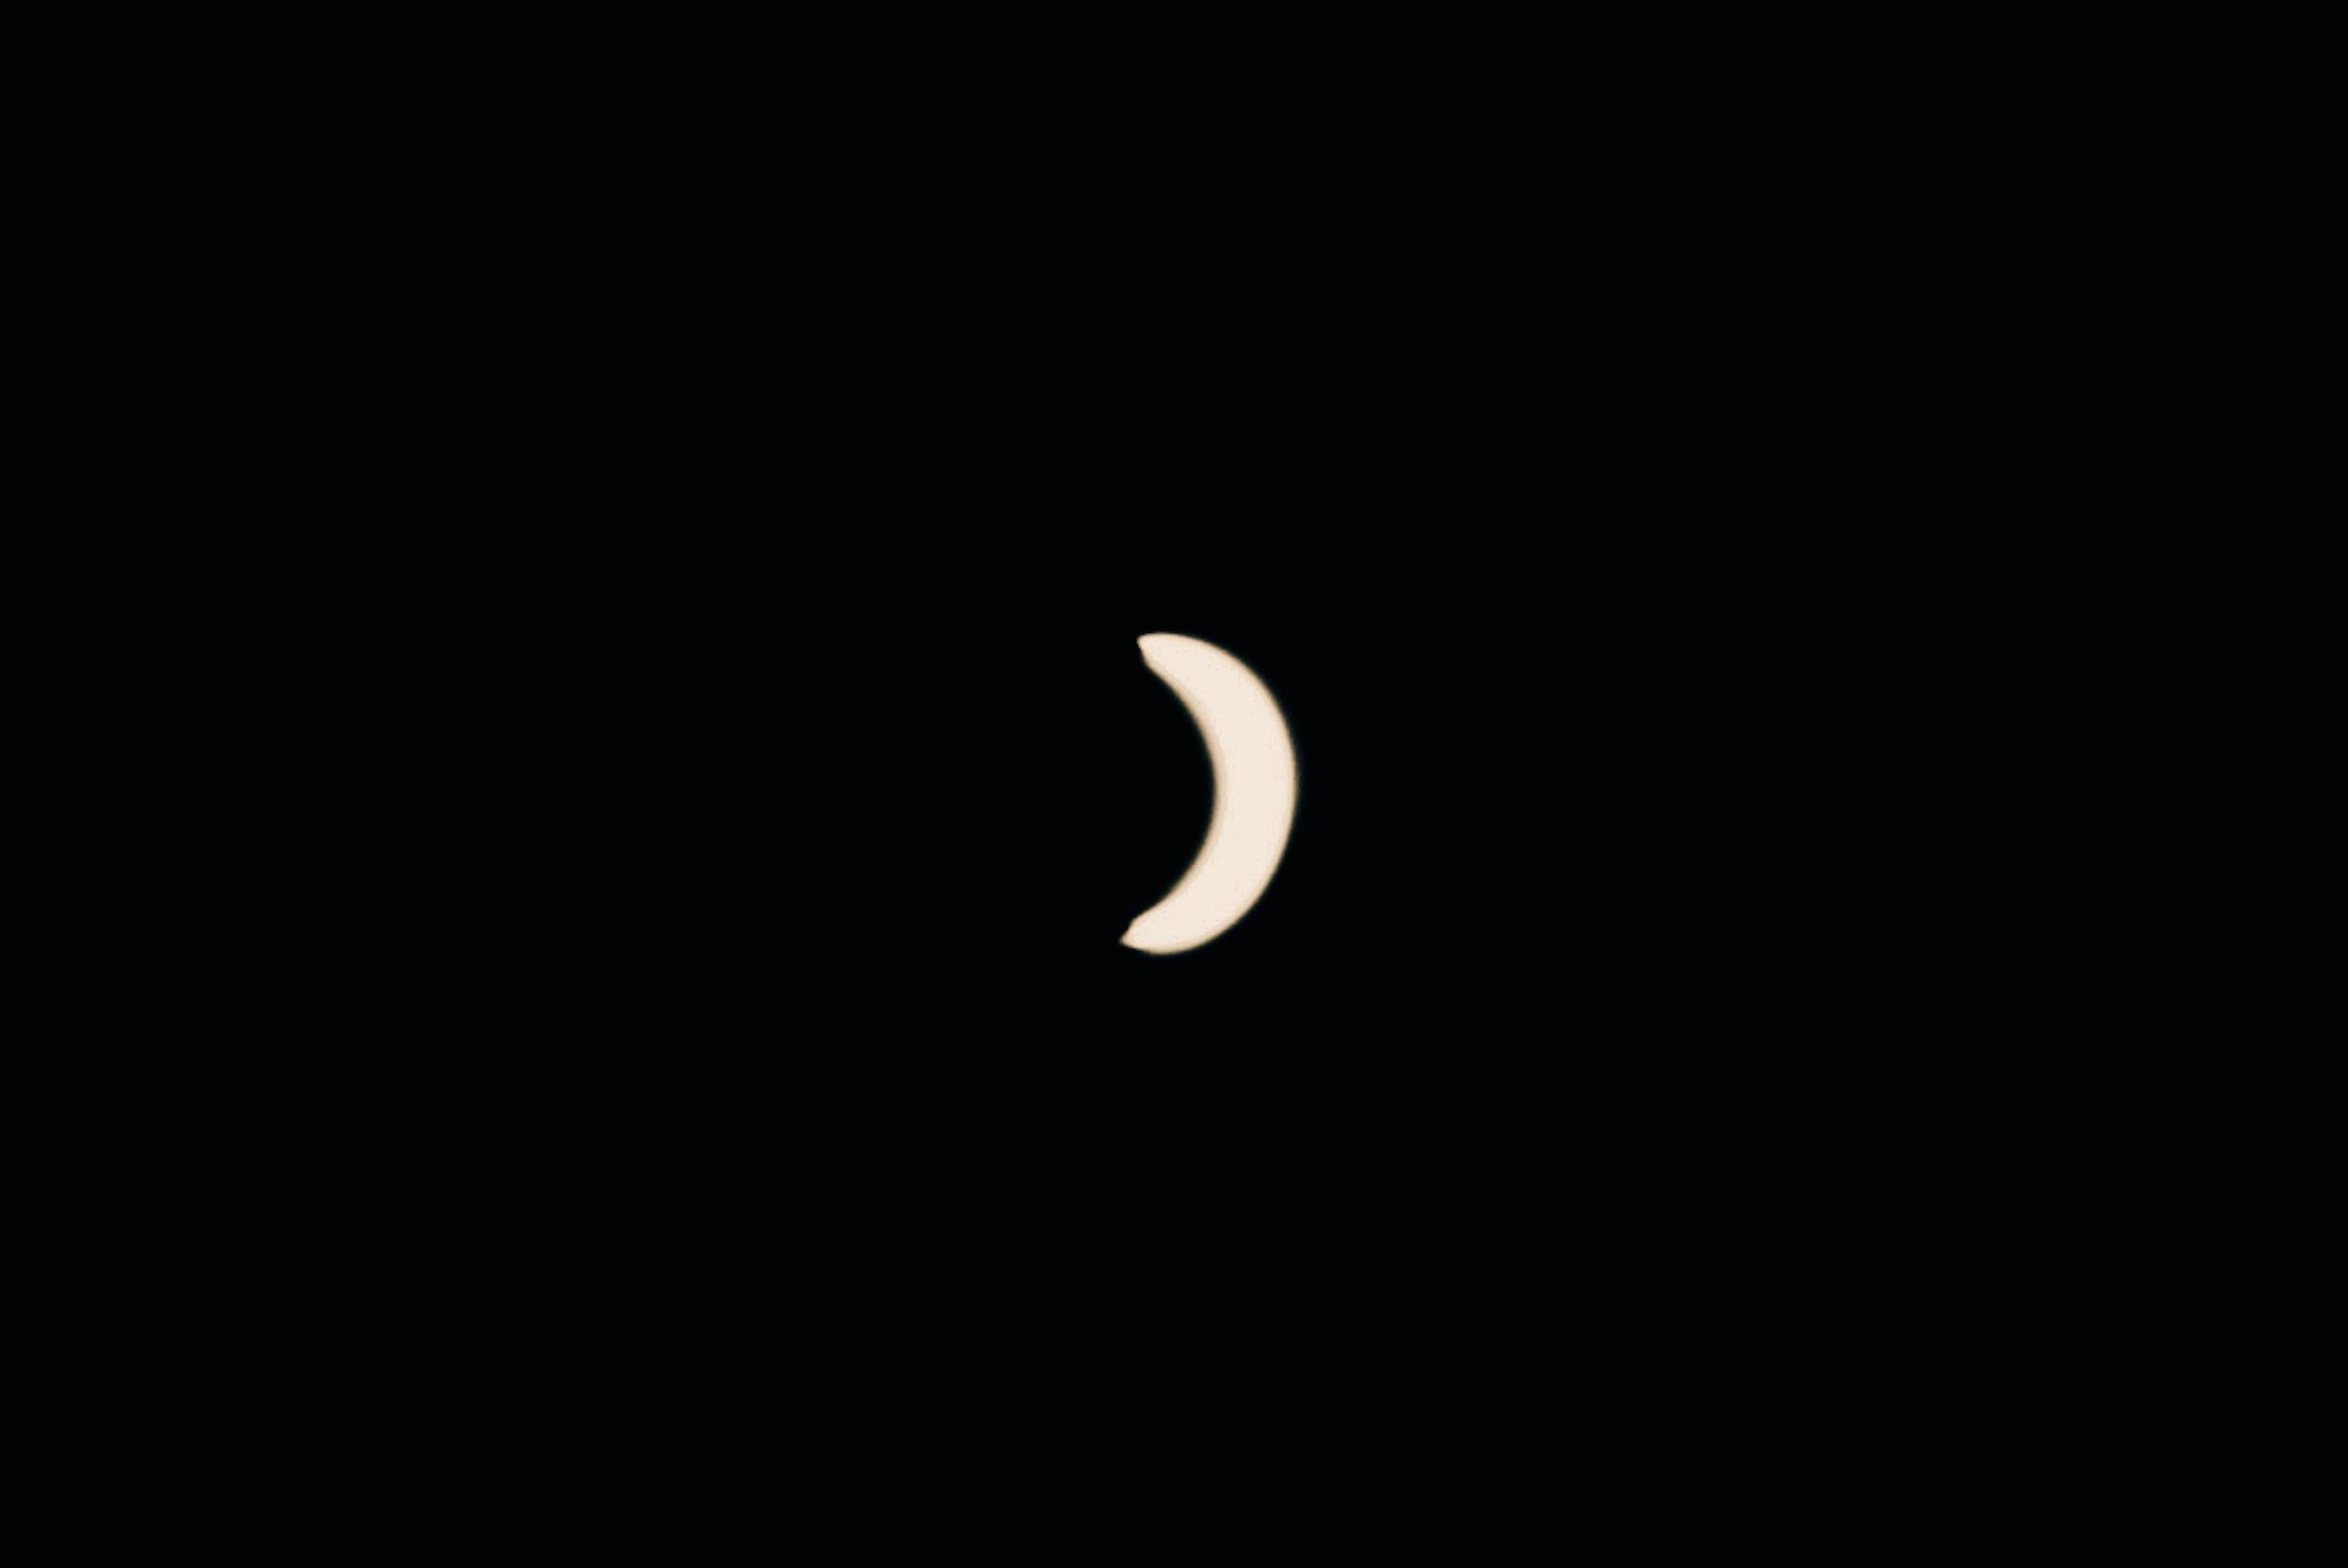 Partial Solar Eclipse over The Great Basin| Edward Arthur Dalton